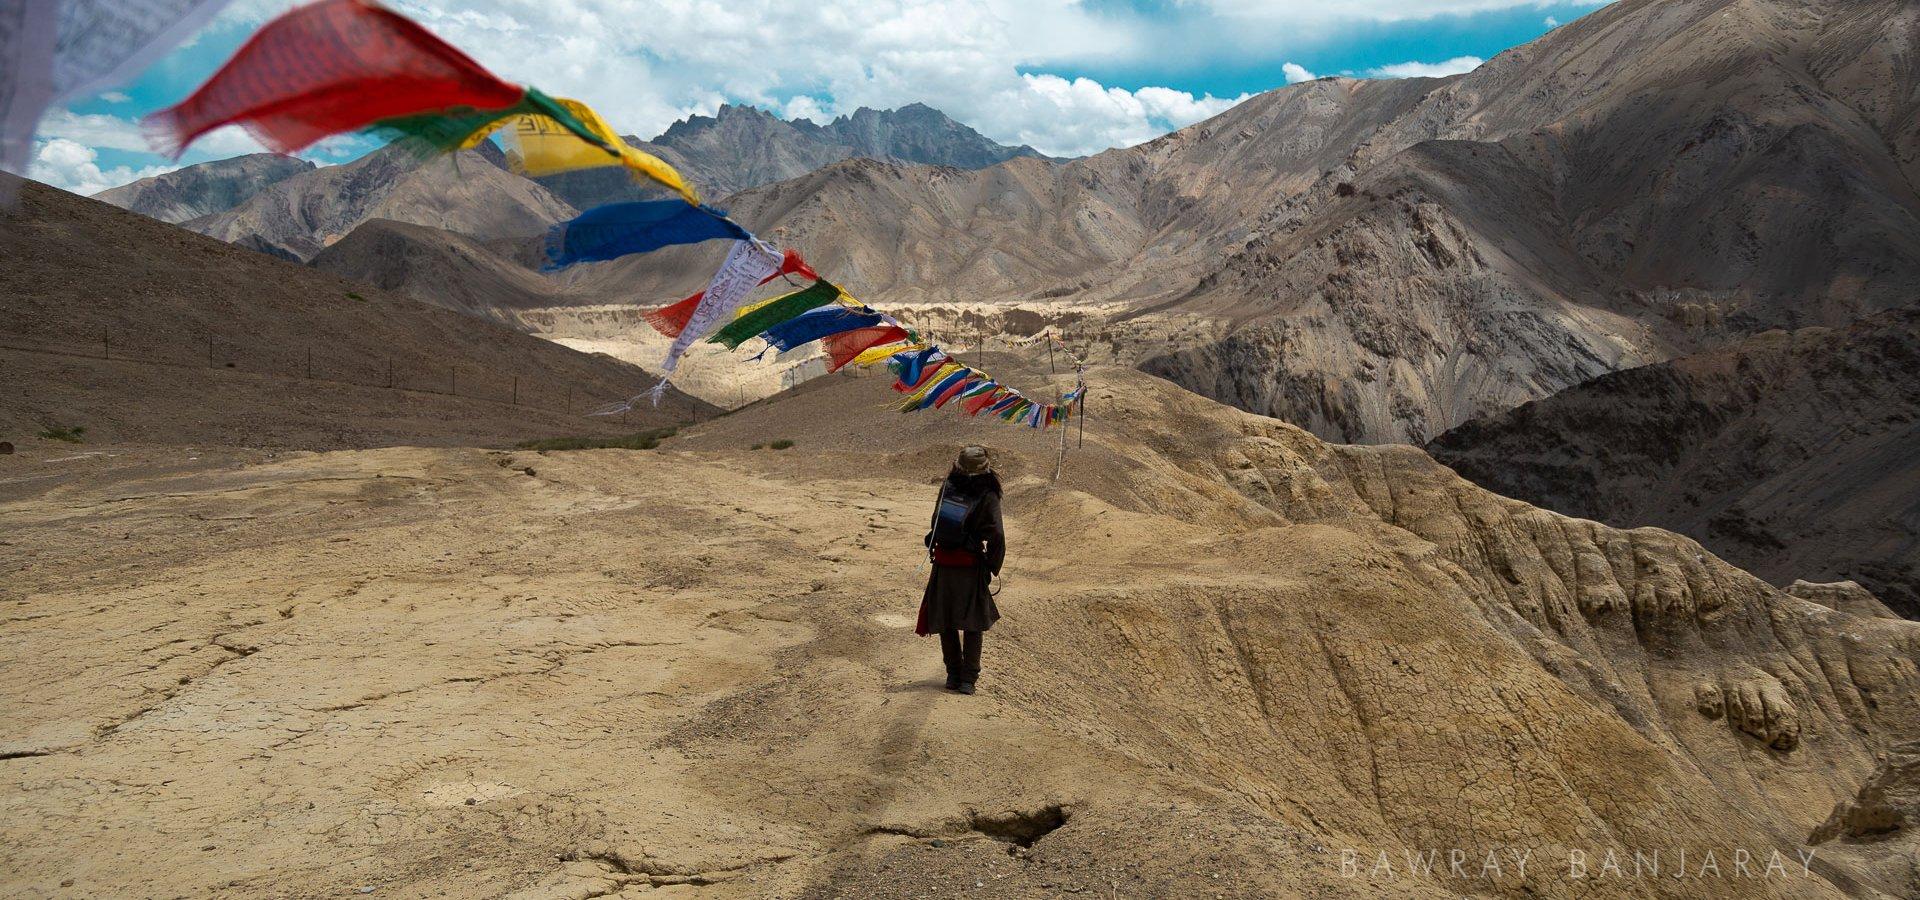 Treks in Ladakh